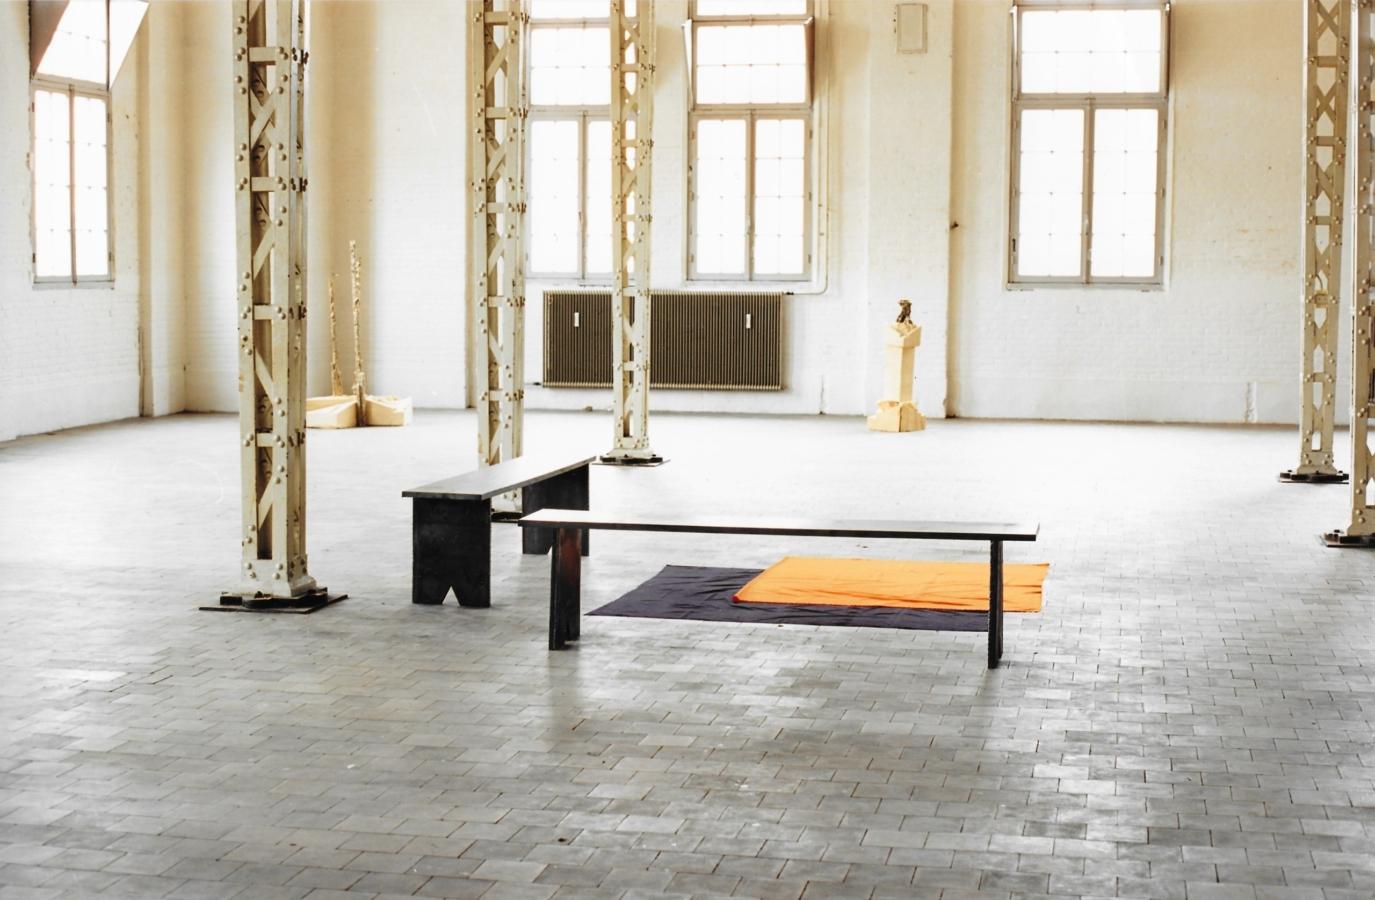 Trébélé 1989 metaal stof 2x 40 x 35 x 196 cm en 180 x 180 cm Artis, Den Bosch